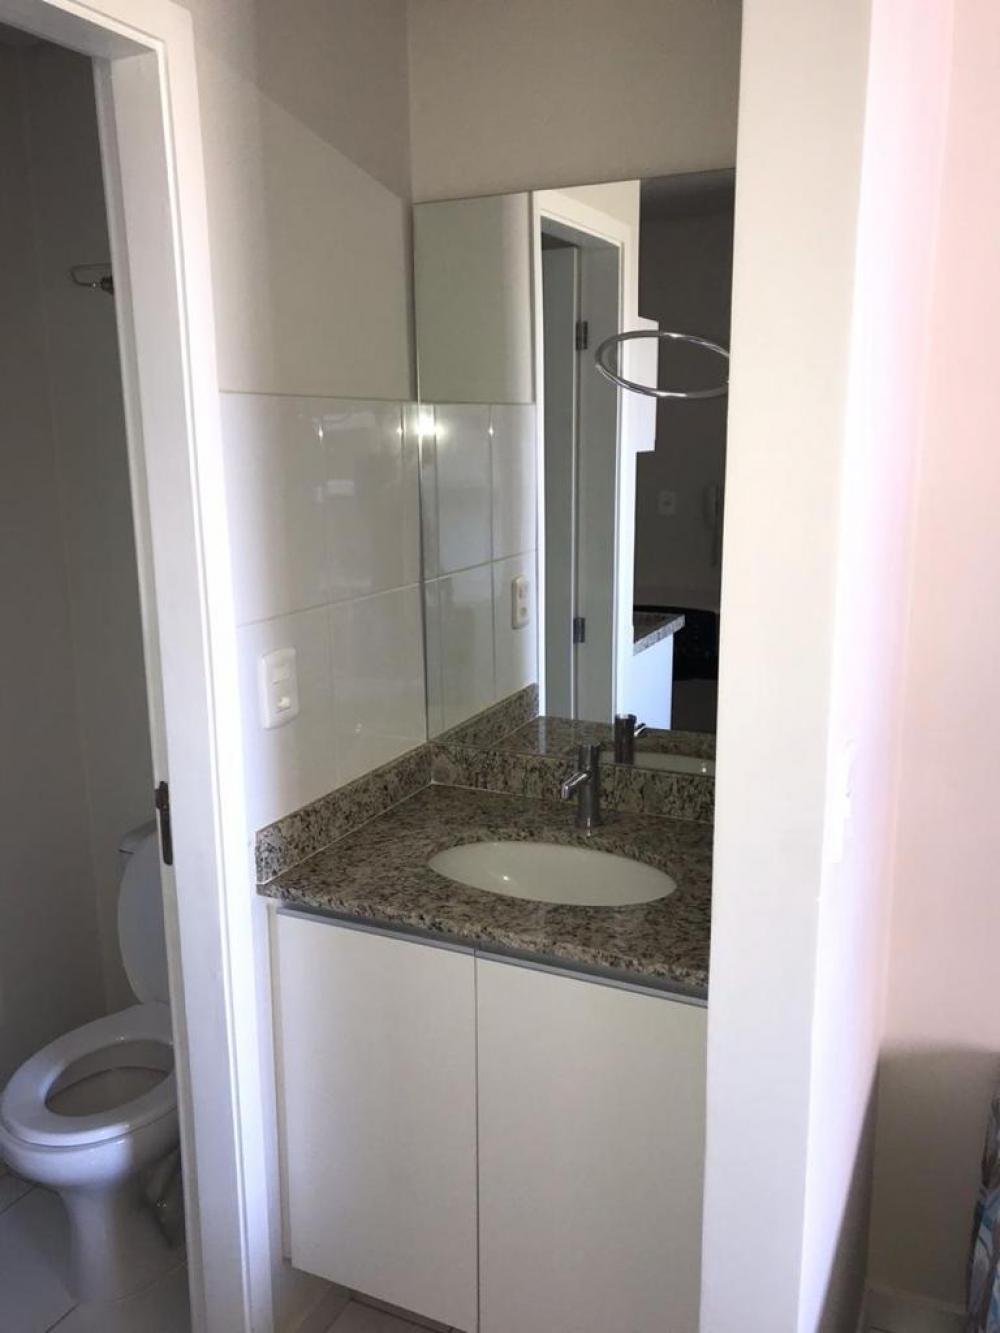 Alugar Apartamento / Loft em Ribeirão Preto R$ 850,00 - Foto 2